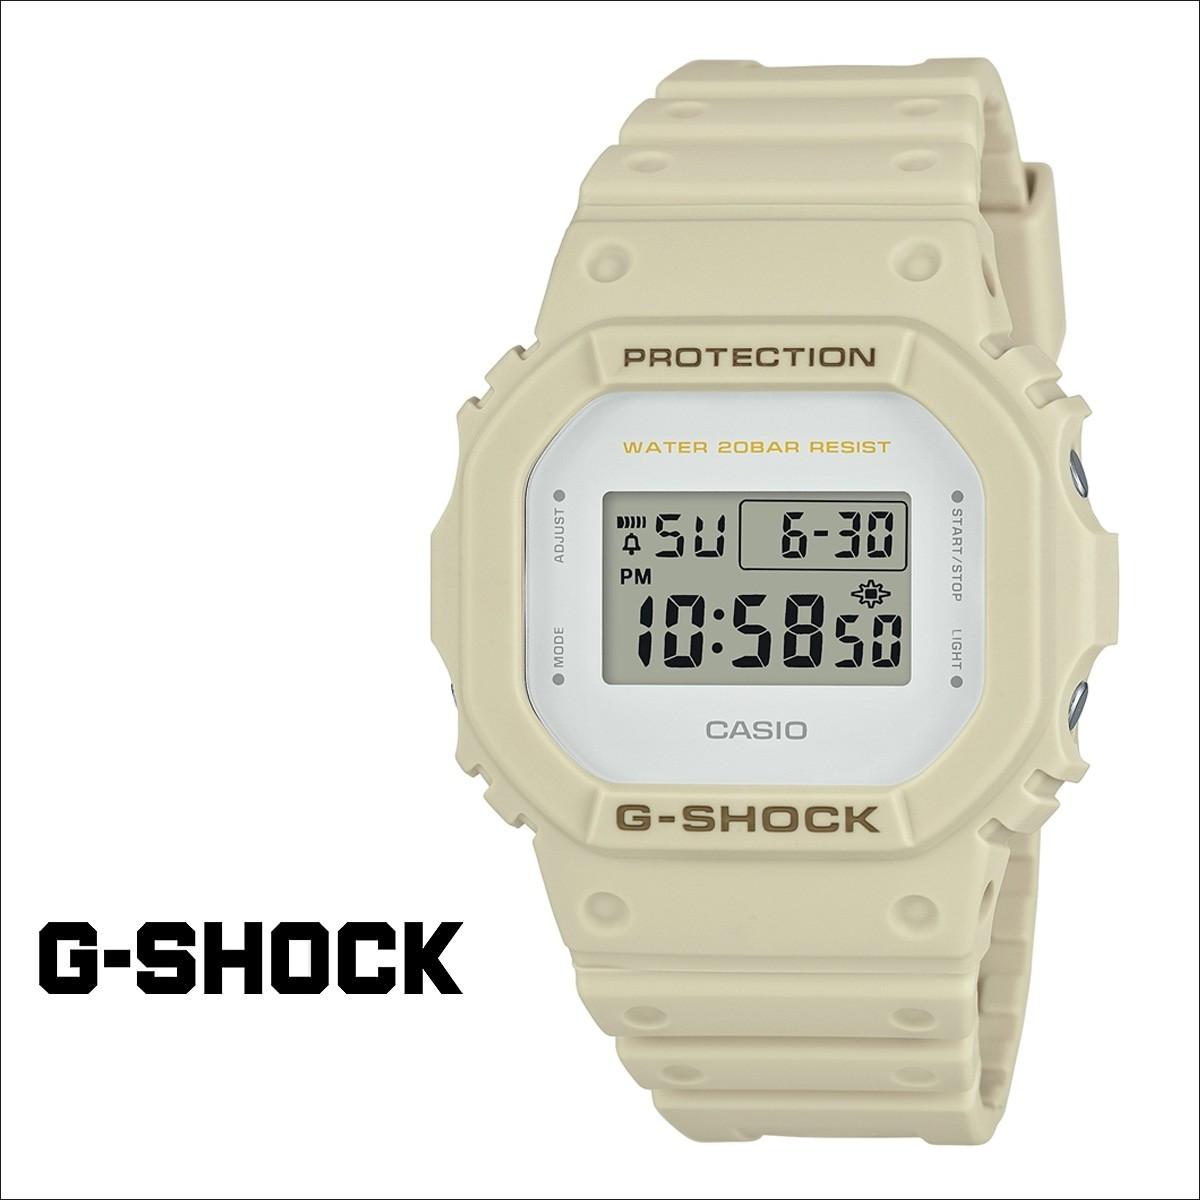 カシオ CASIO G-SHOCK 腕時計 DW-5600EW-7JF ジーショック Gショック G-ショック メンズ [1/12 再入荷]